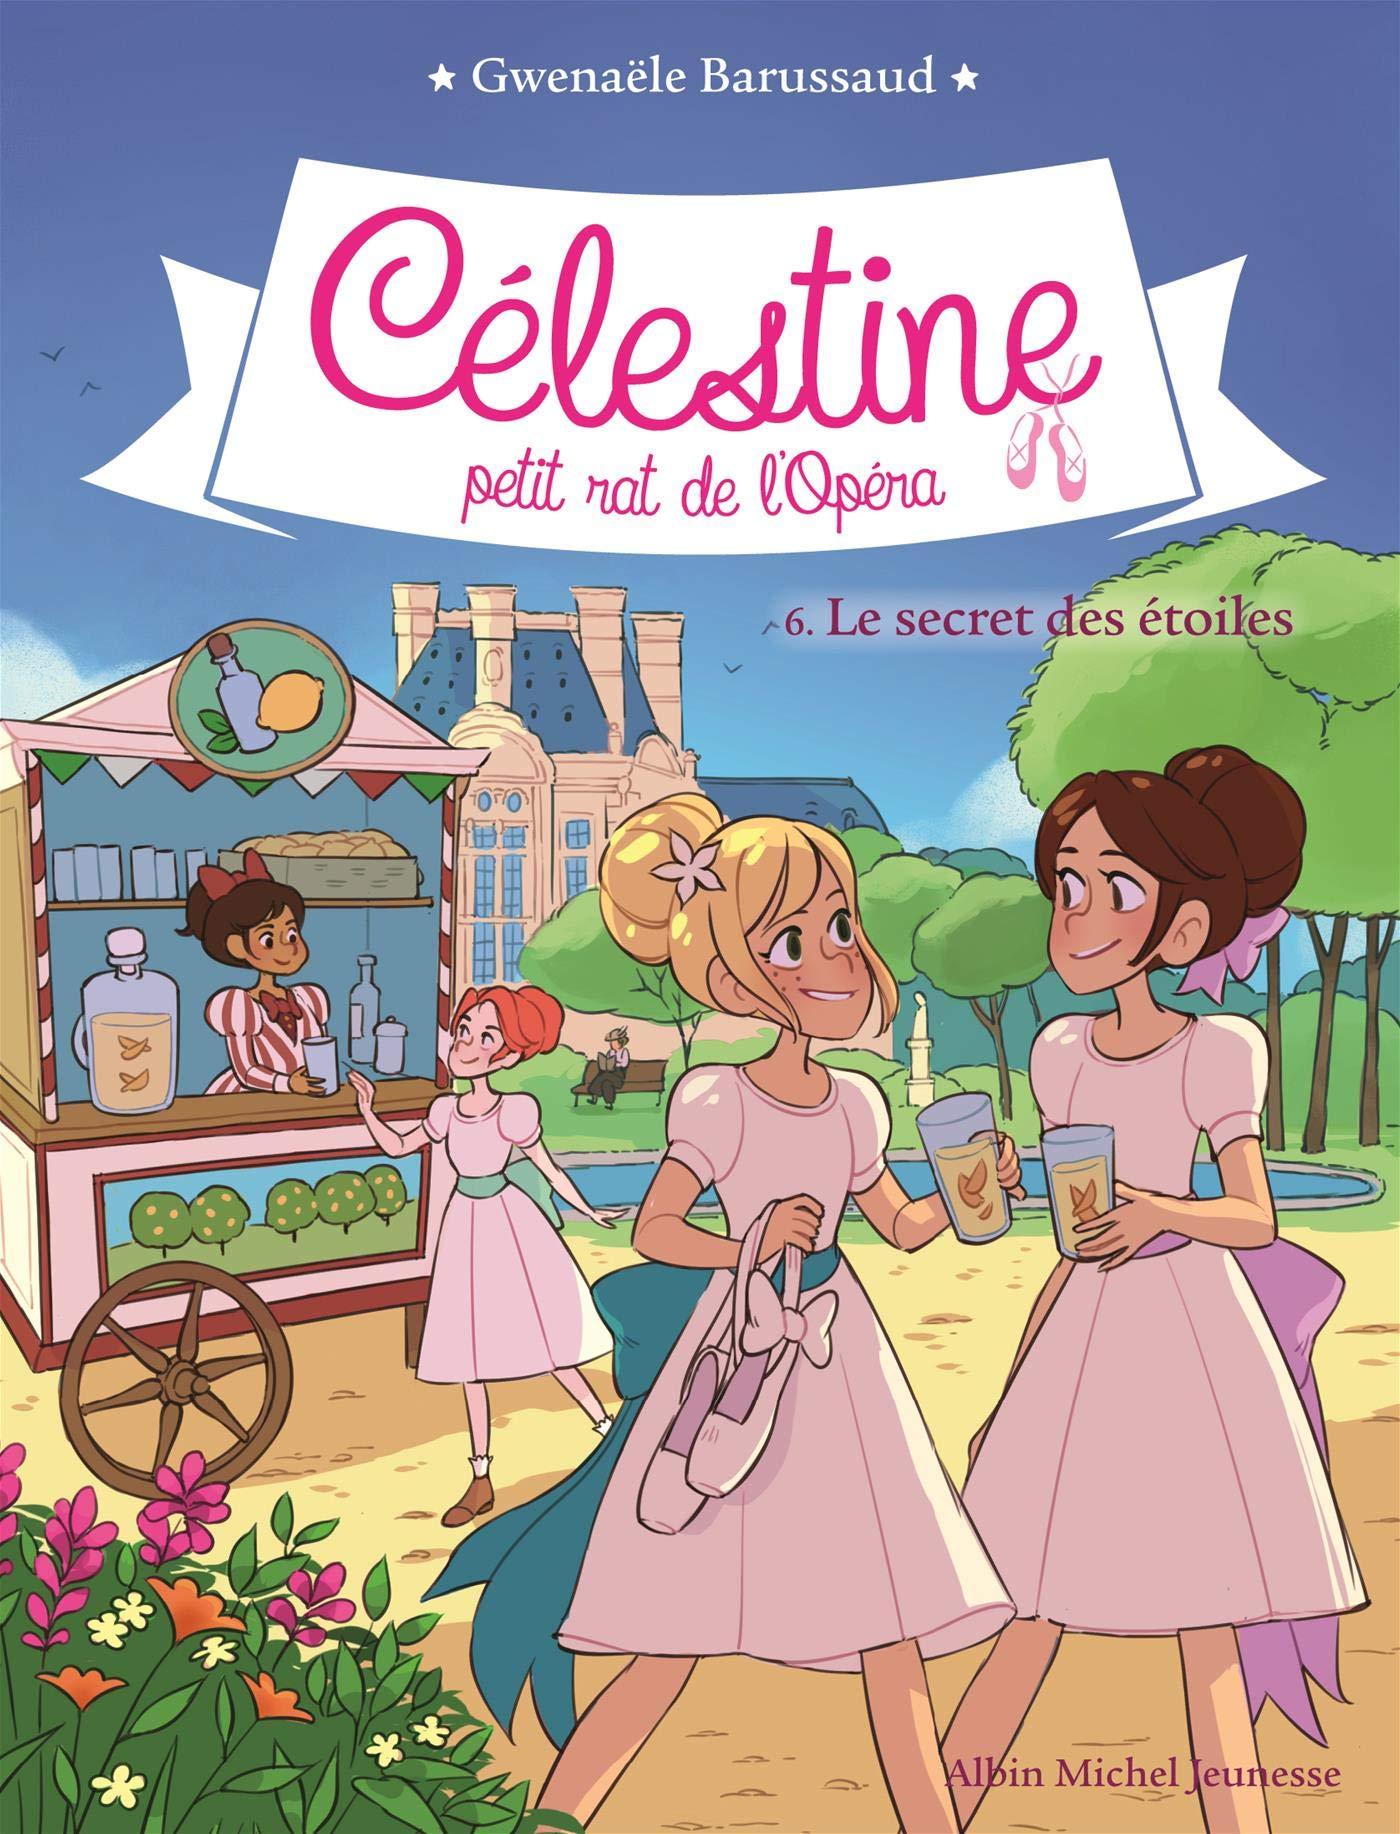 Célestine Petit Rat De L'opéra : célestine, petit, l'opéra, Célestine, Petit, L'Opéra., Secret, étoiles, Livre, Enfant